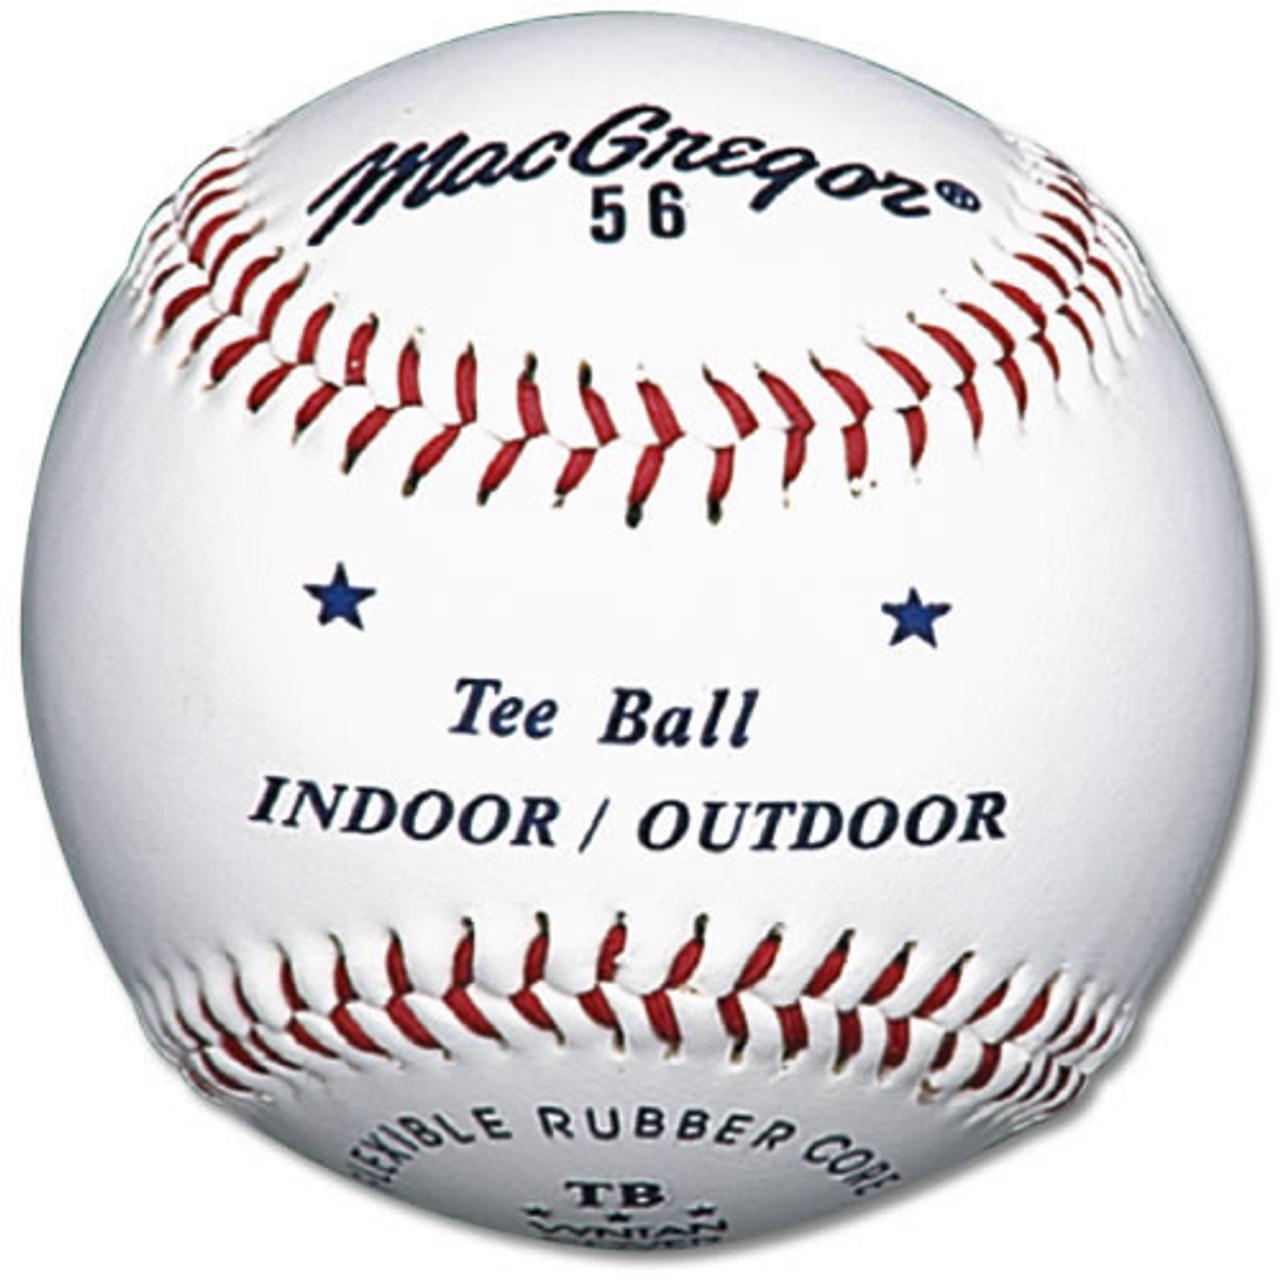 MacGregor #56 Official Indoor/Outdoor Tee Balls